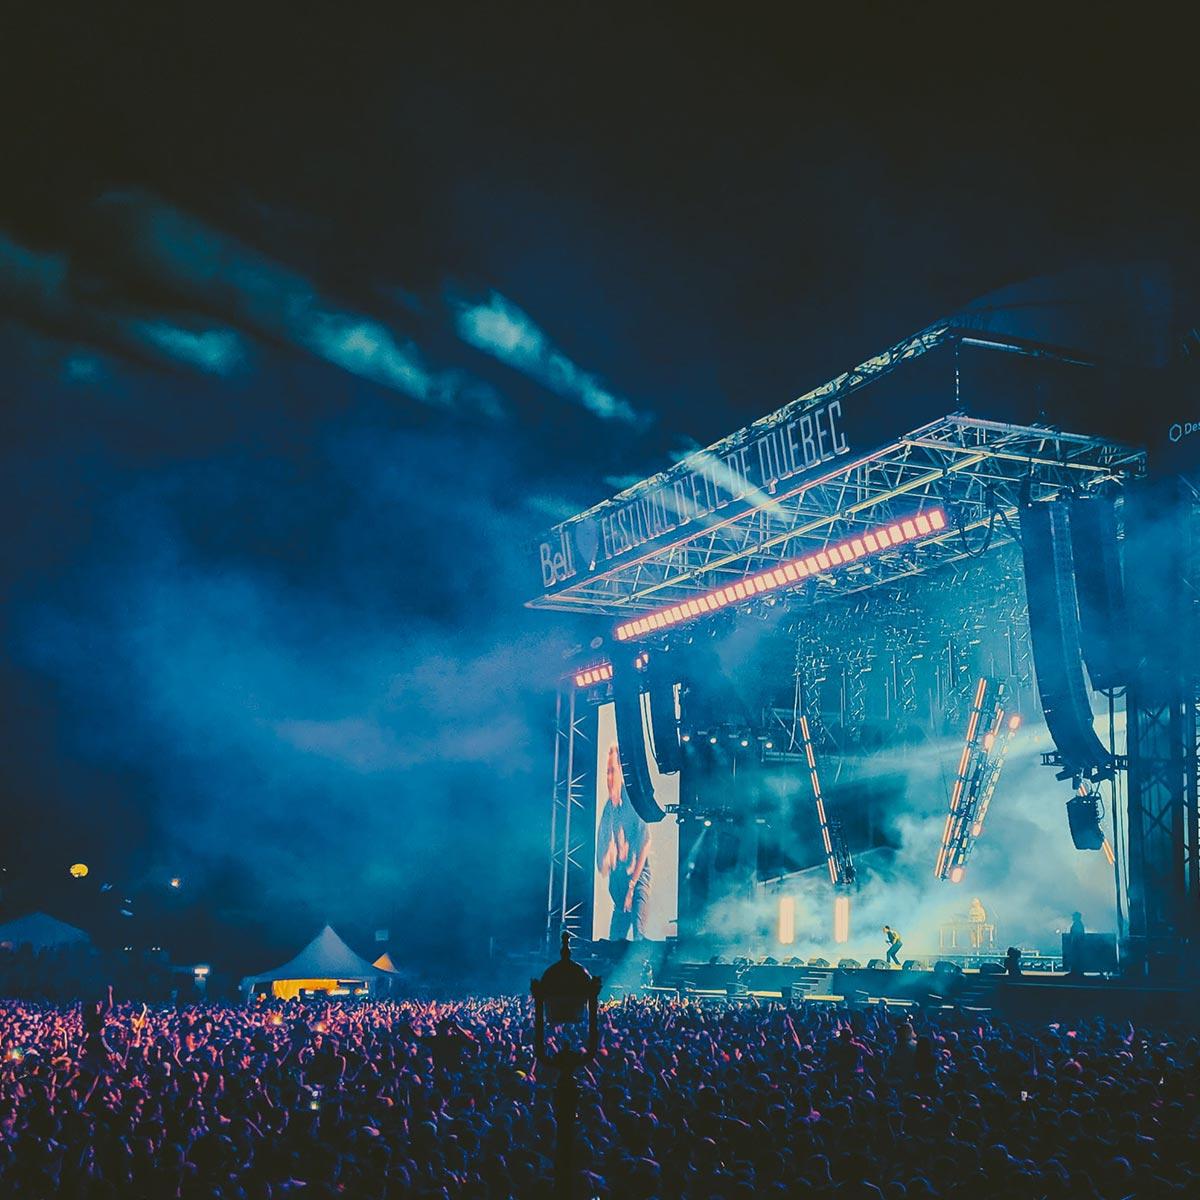 Event & Live Entertainment Clearances